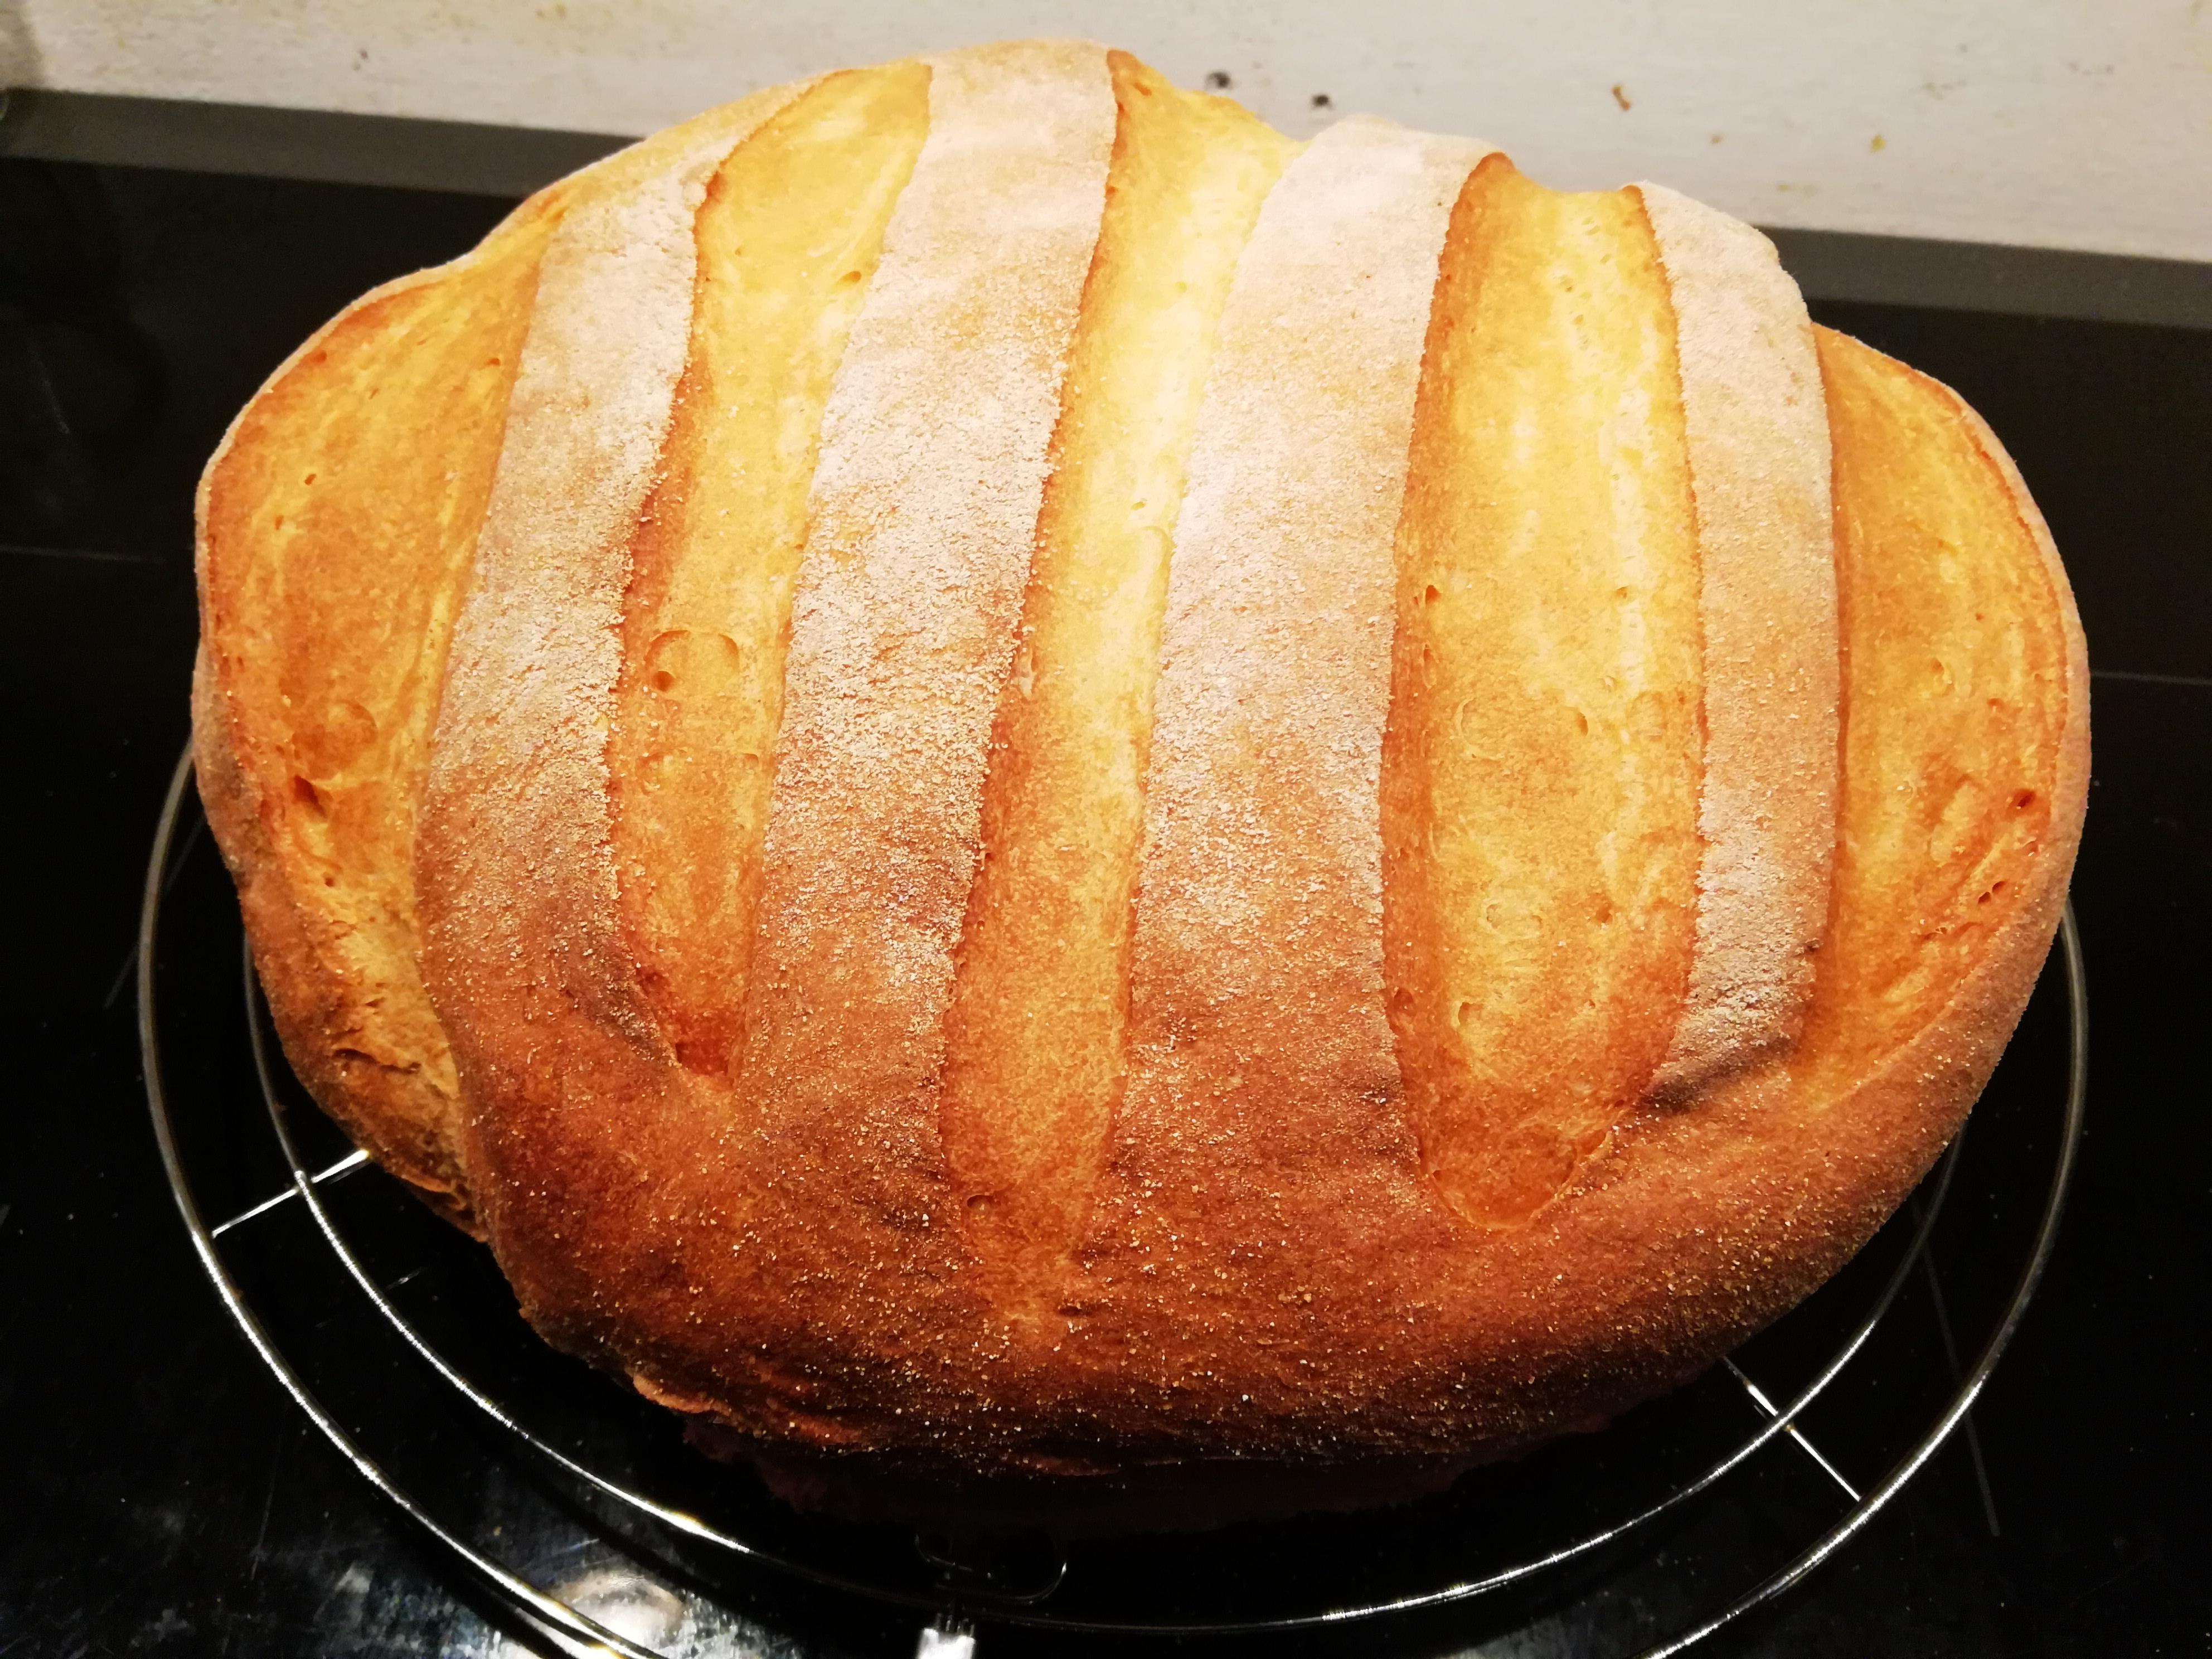 Pane fatto in casa: il metodo tradizionale